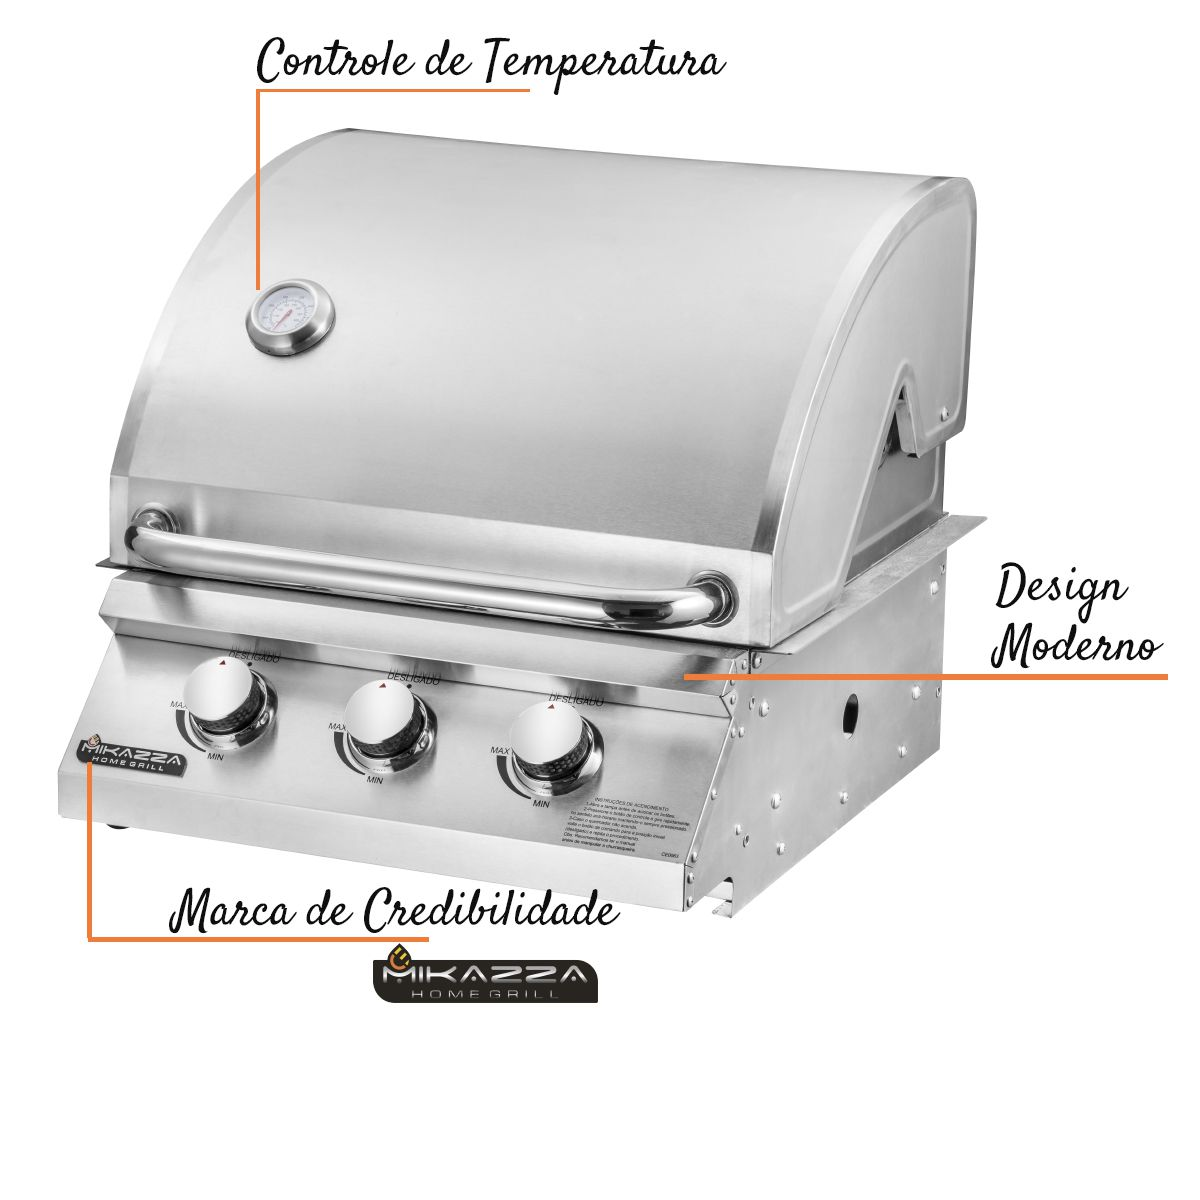 Churrasqueira à Gás Embutir Mikazza Pro 3 + Espeto Giratório